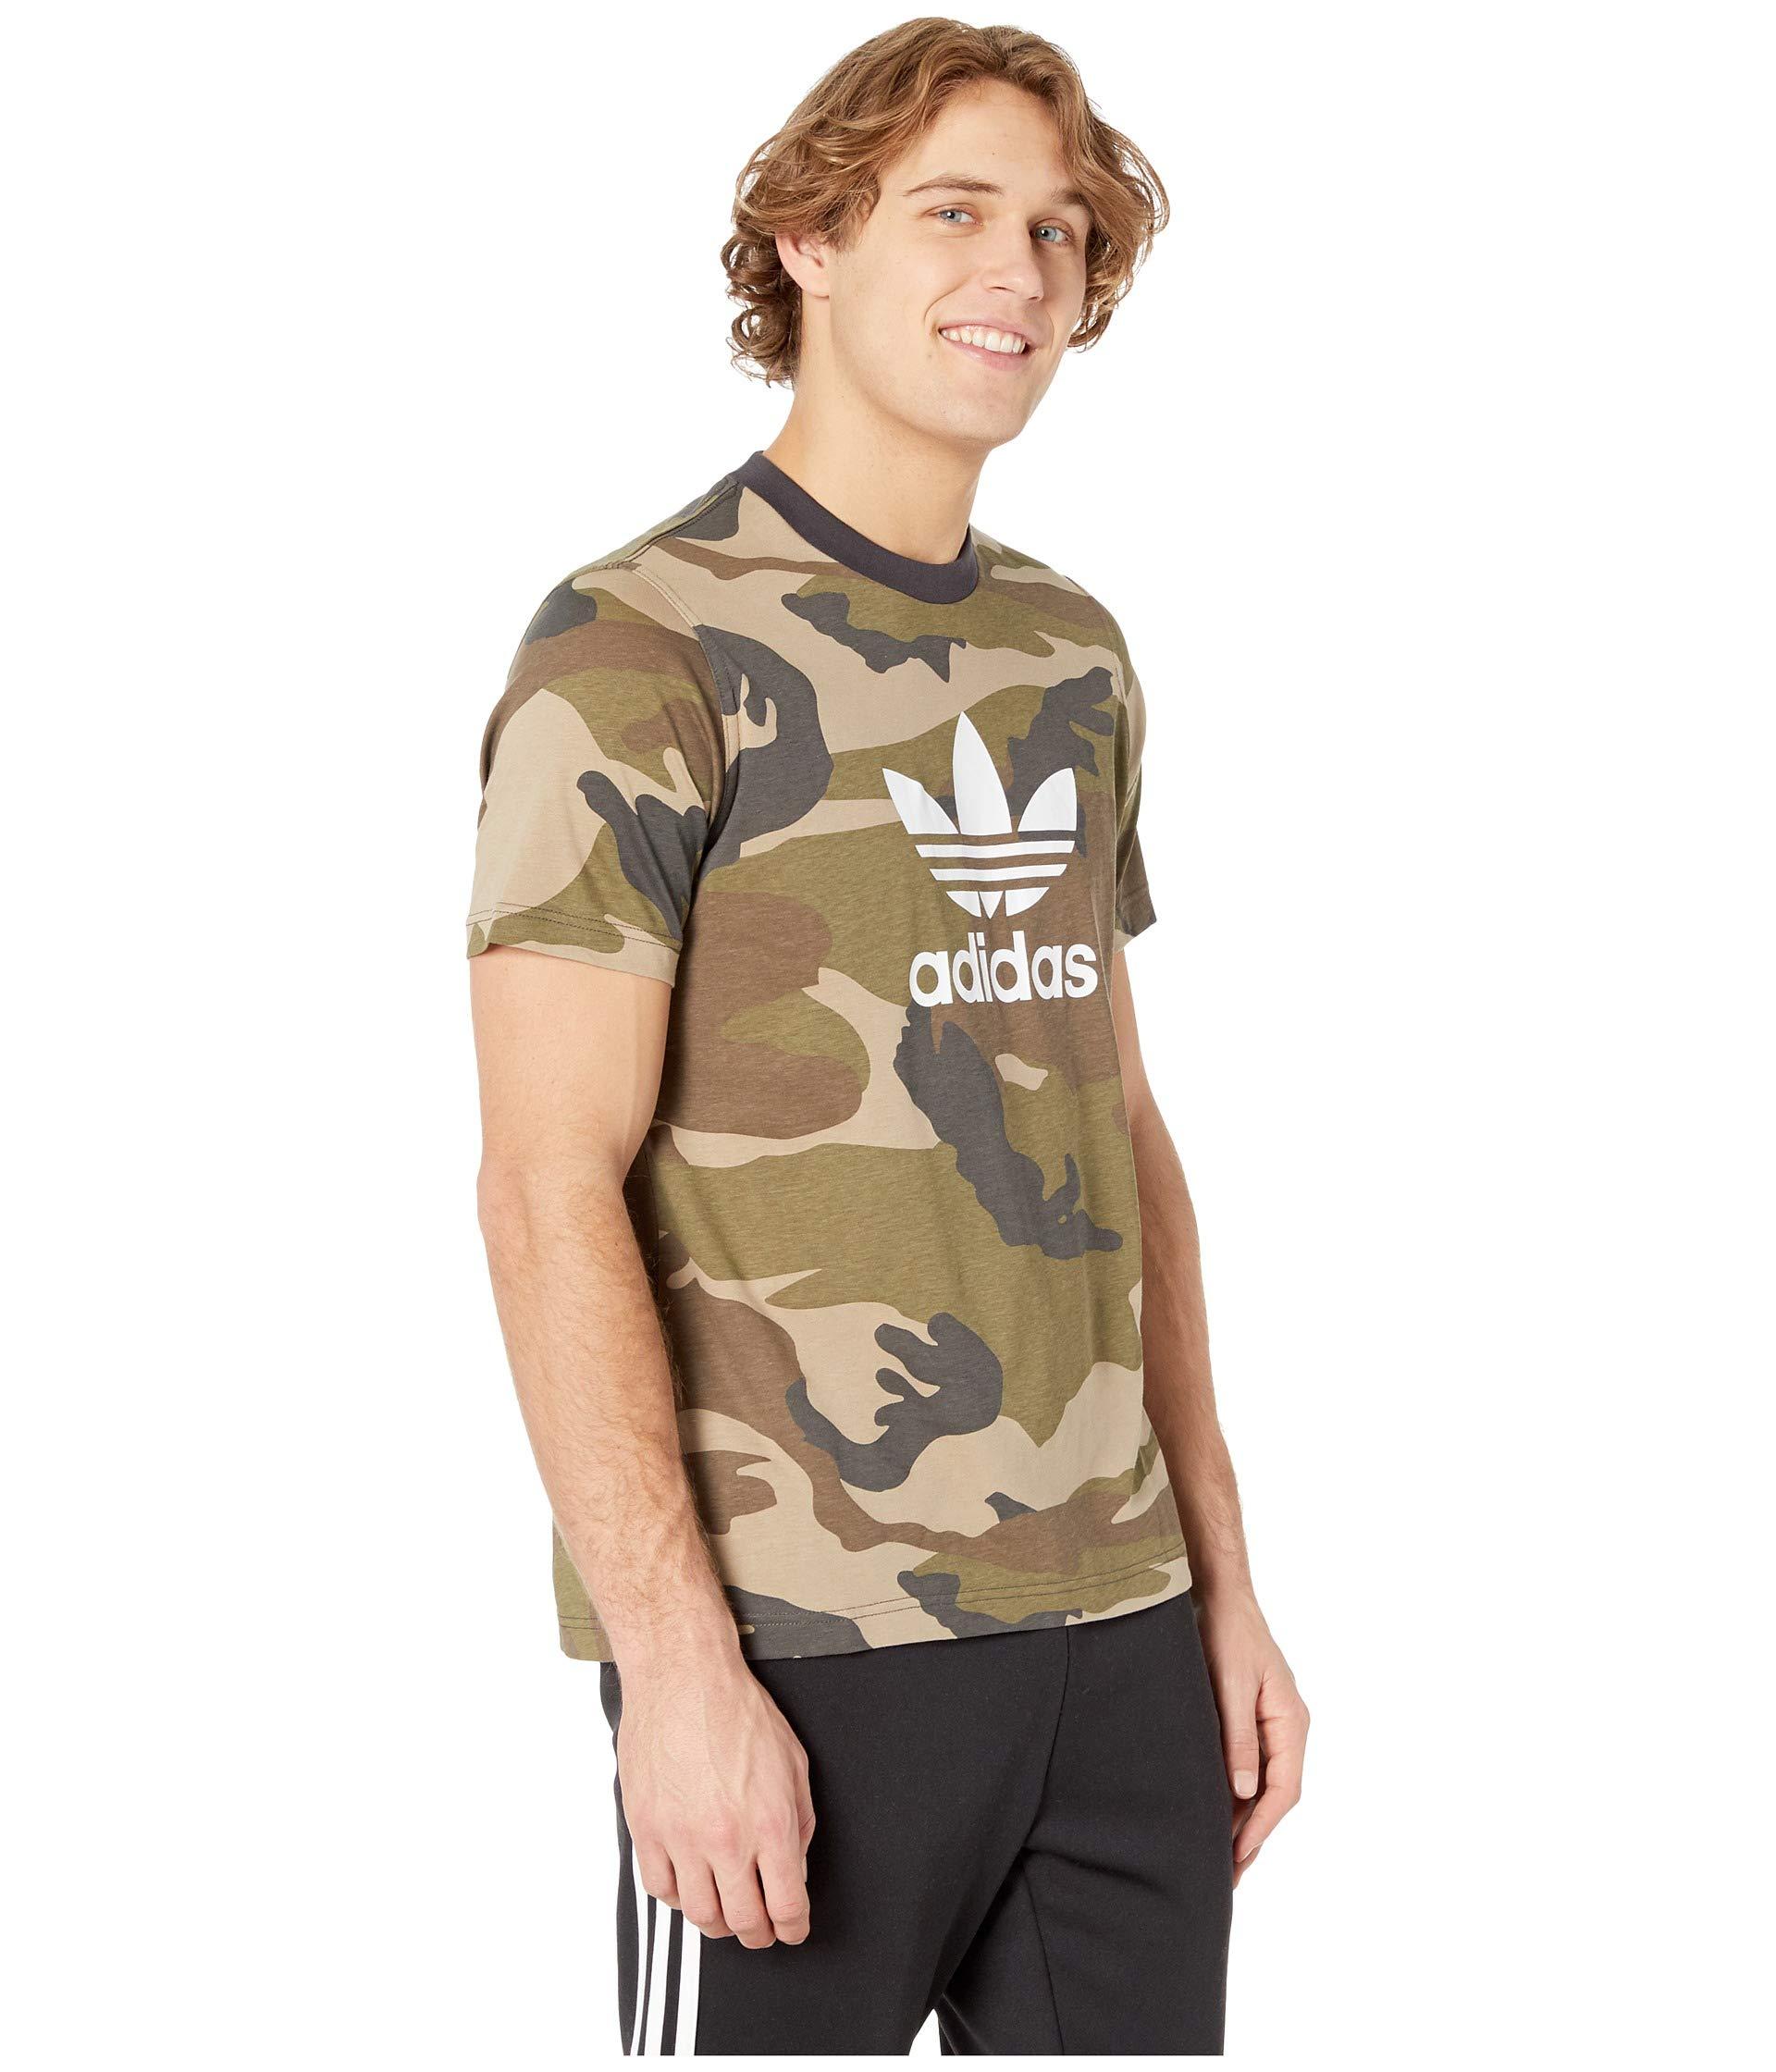 utility Tee Originals Adidas Black Camo Multicolor 4w11IH